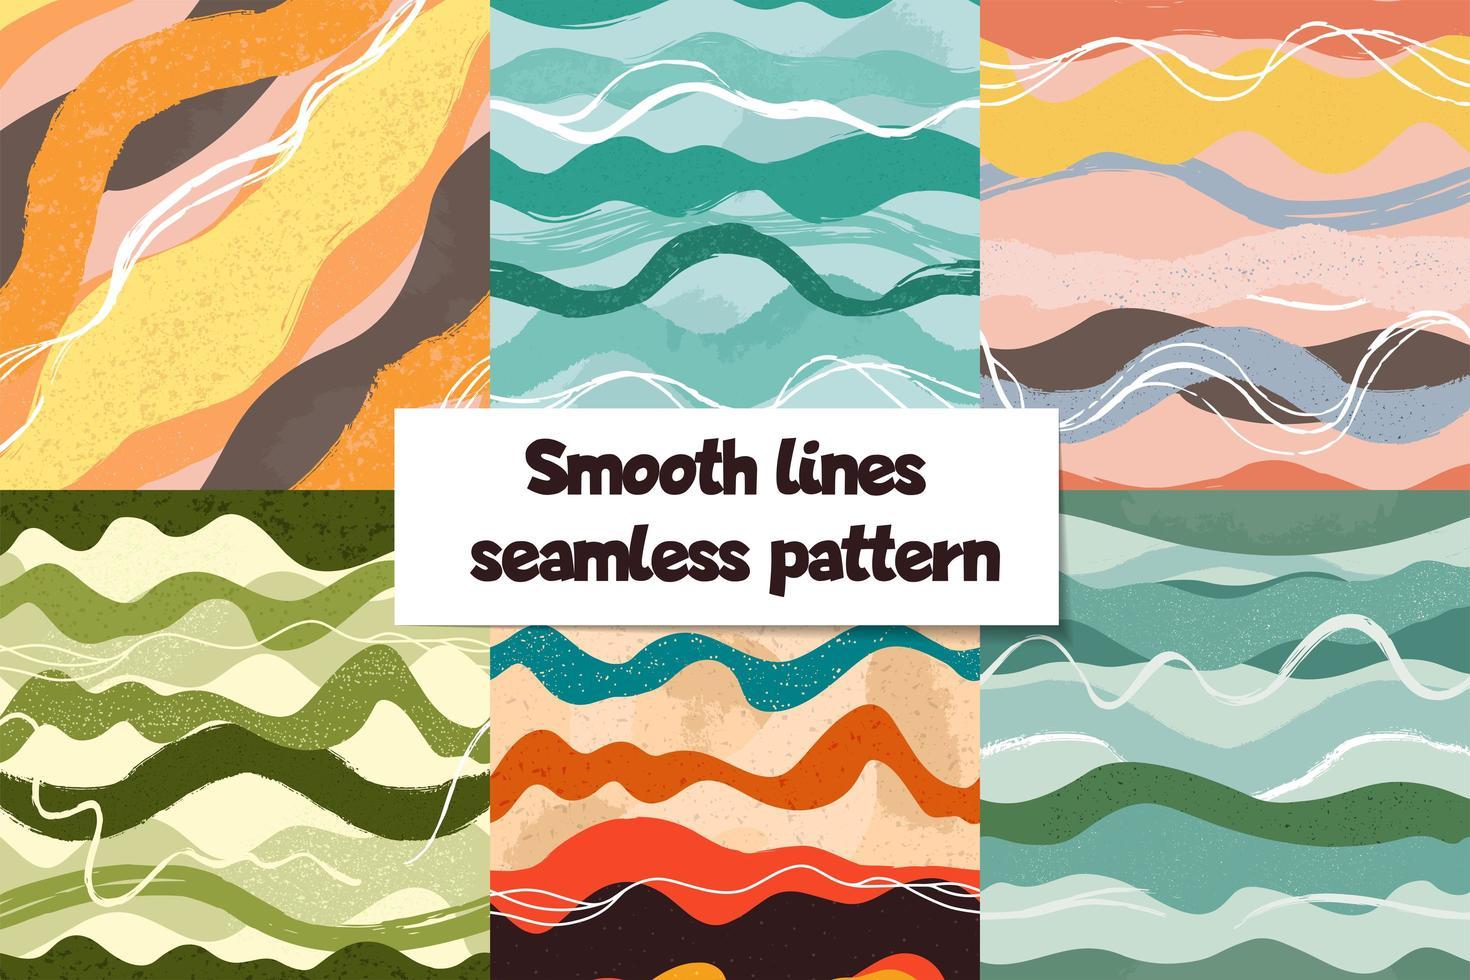 ensemble de motifs de courbes abstraites dessinés à la main vecteur